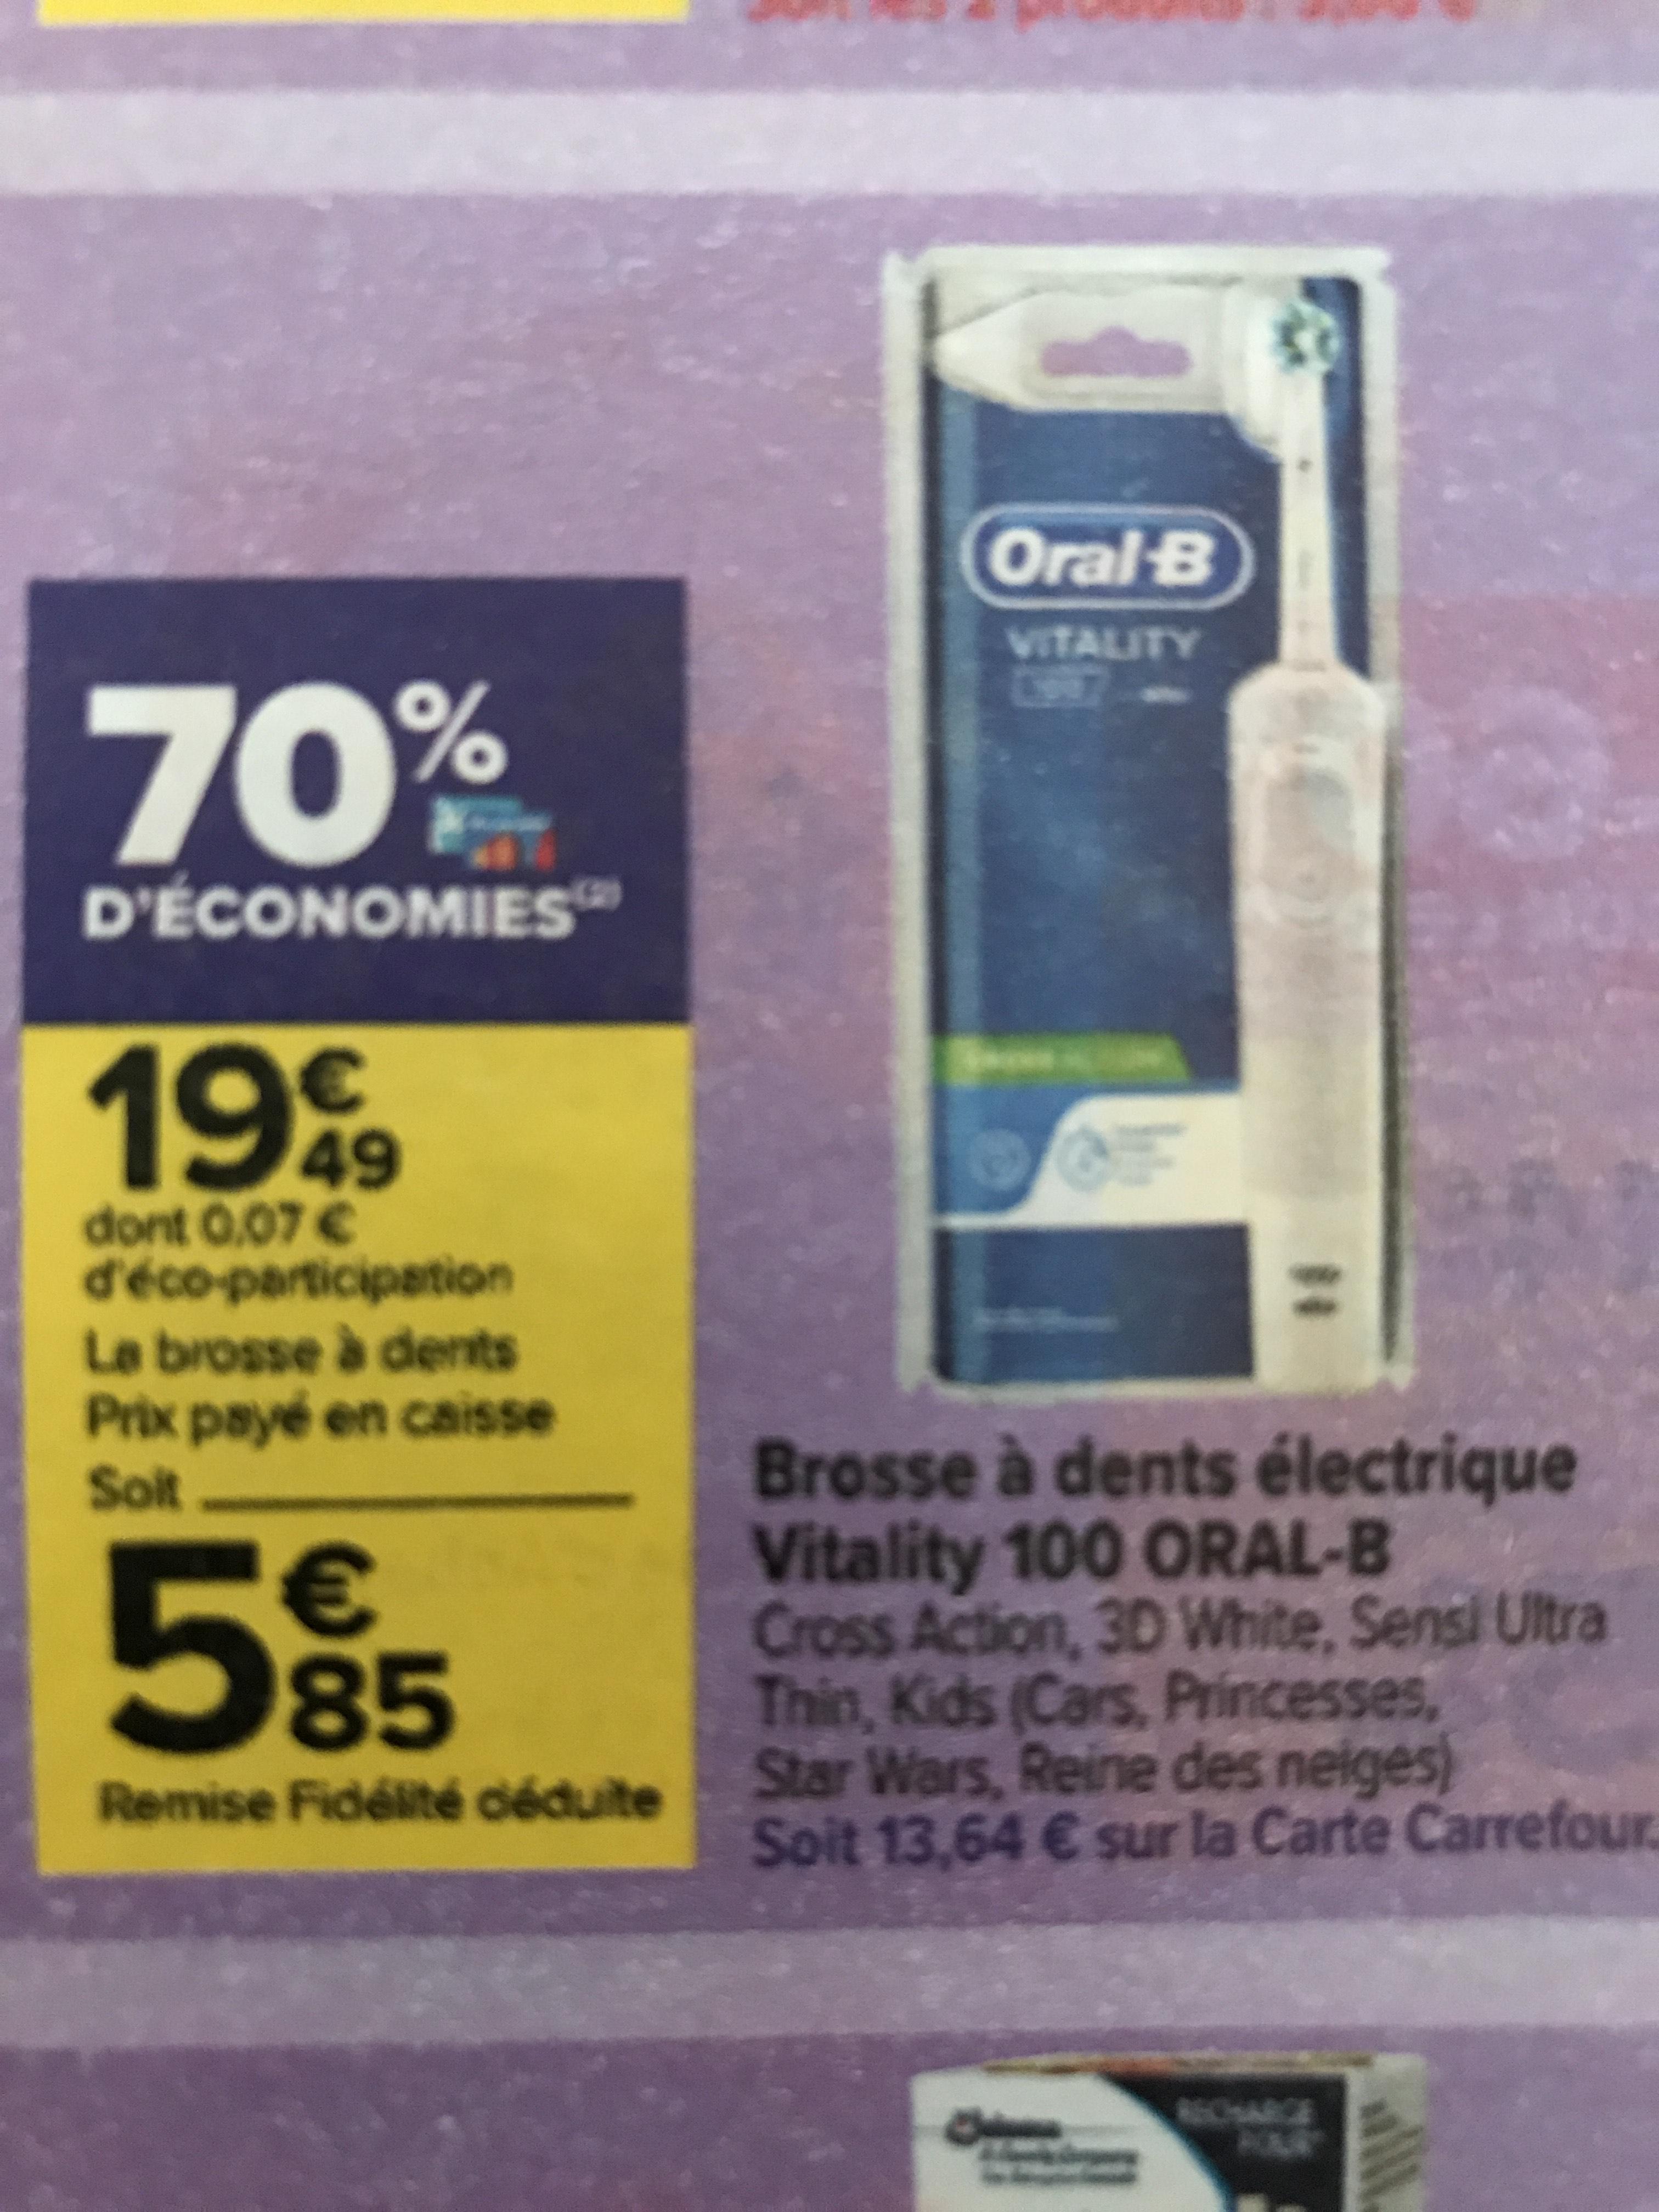 Brosse à dents électrique Oral B Vitality 100 - différents modèles (via 13.64€ sur la carte de fidélité)